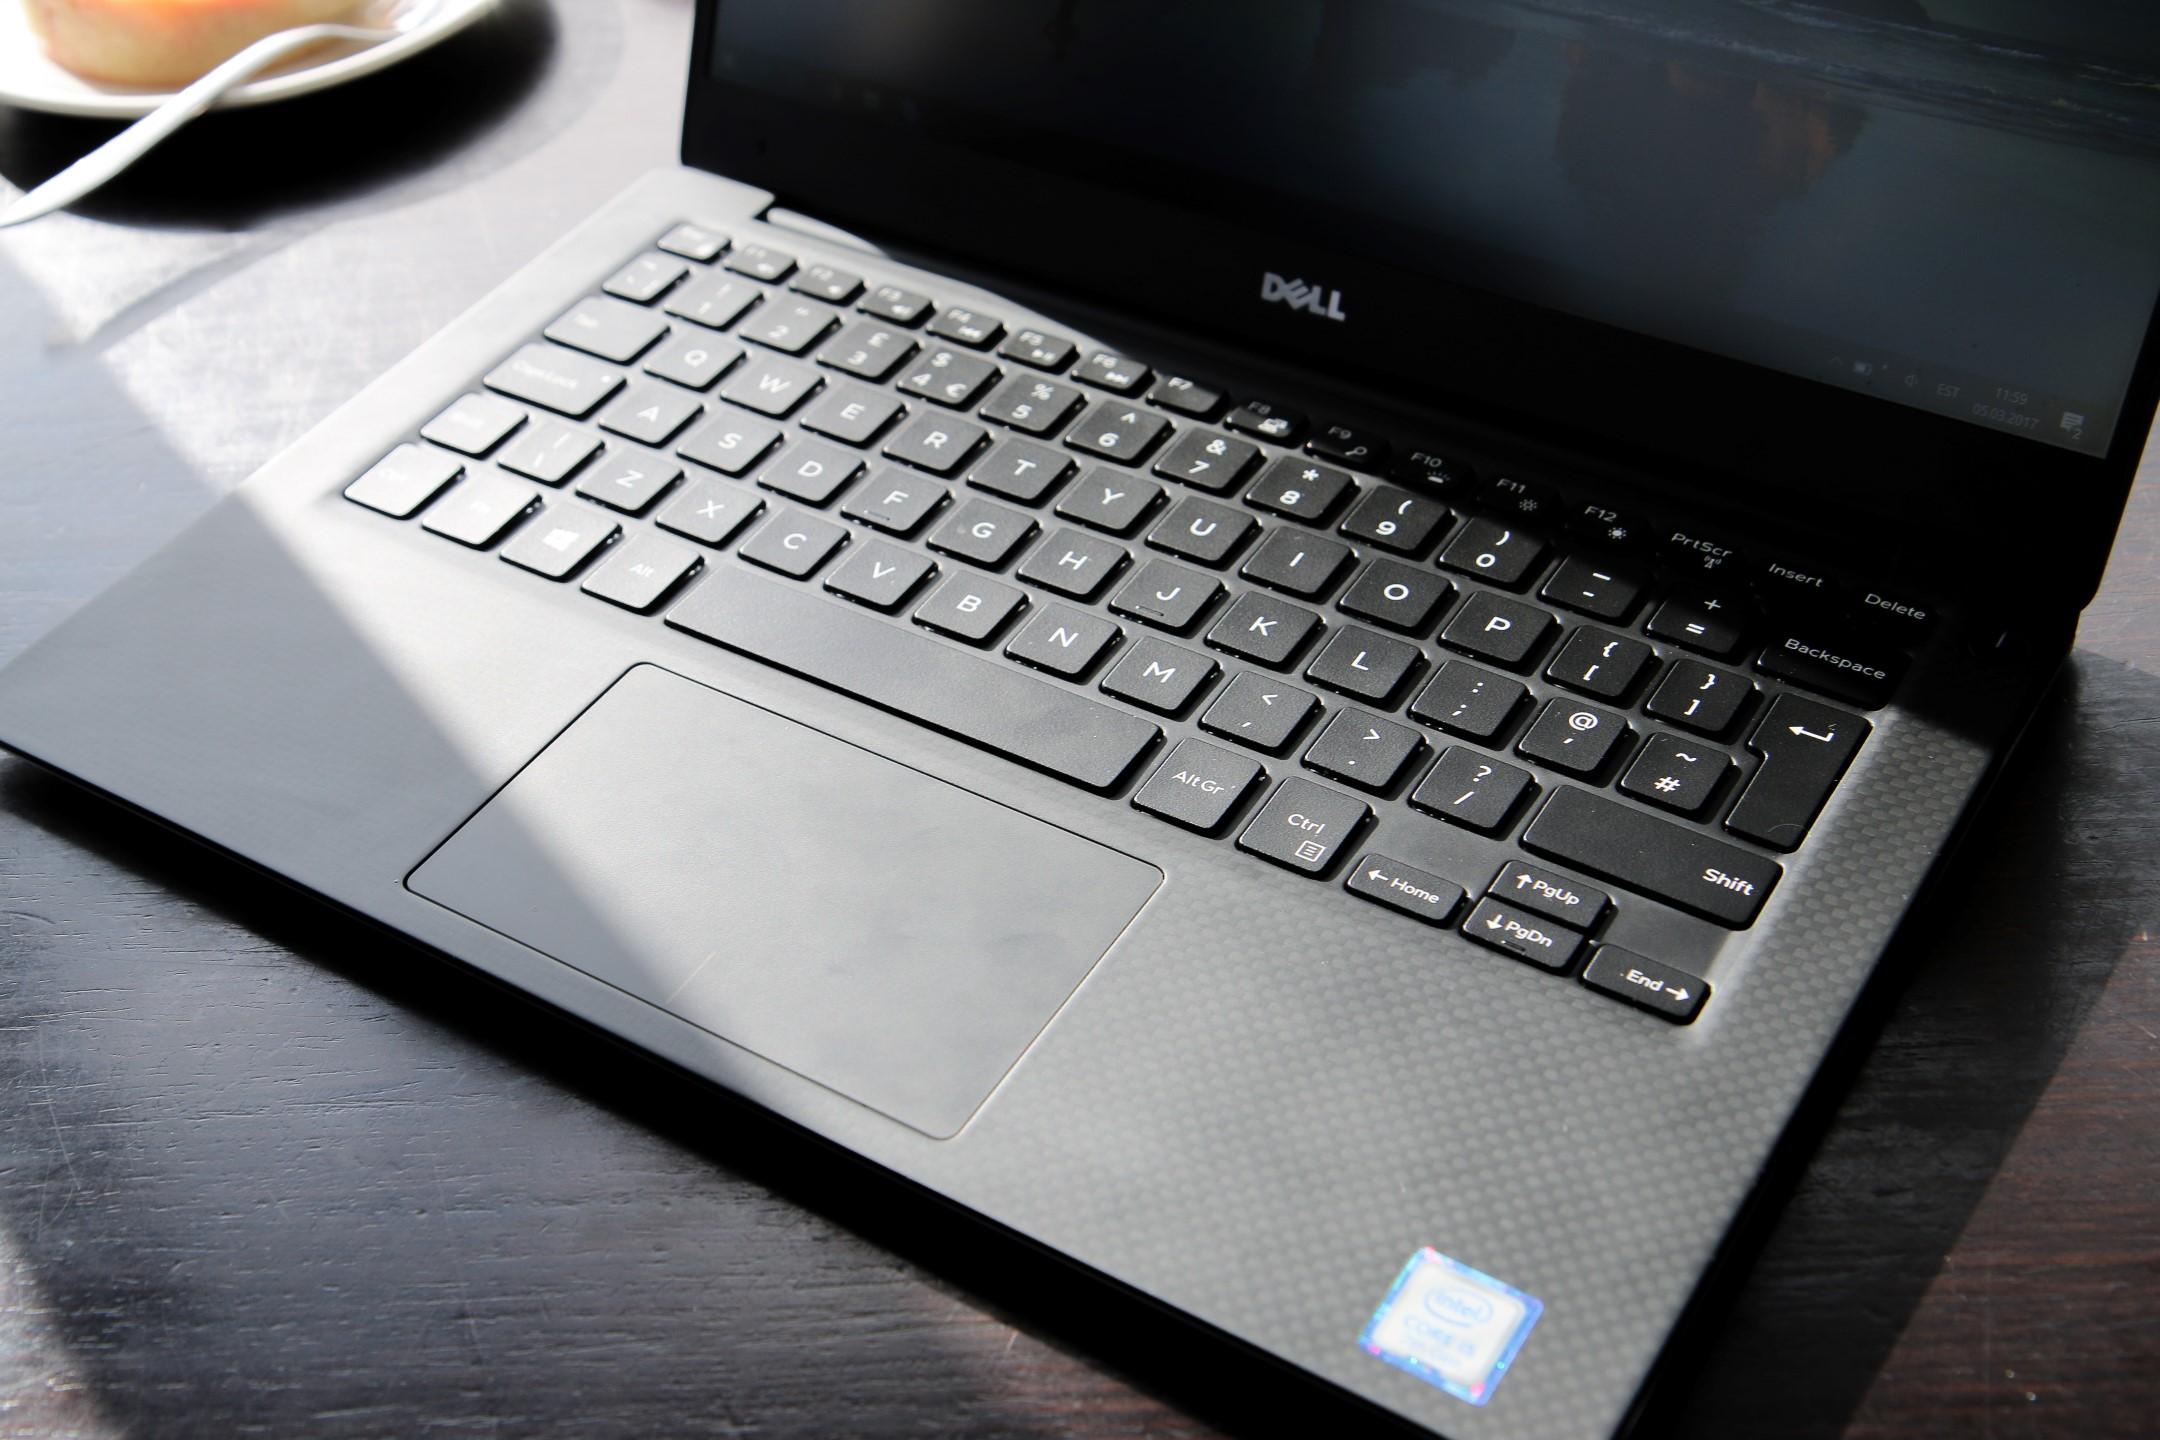 a0041284af3 Dell XPS 13 – ilma reklaamtrikita parim Windowsiga sülearvuti | Kuvar